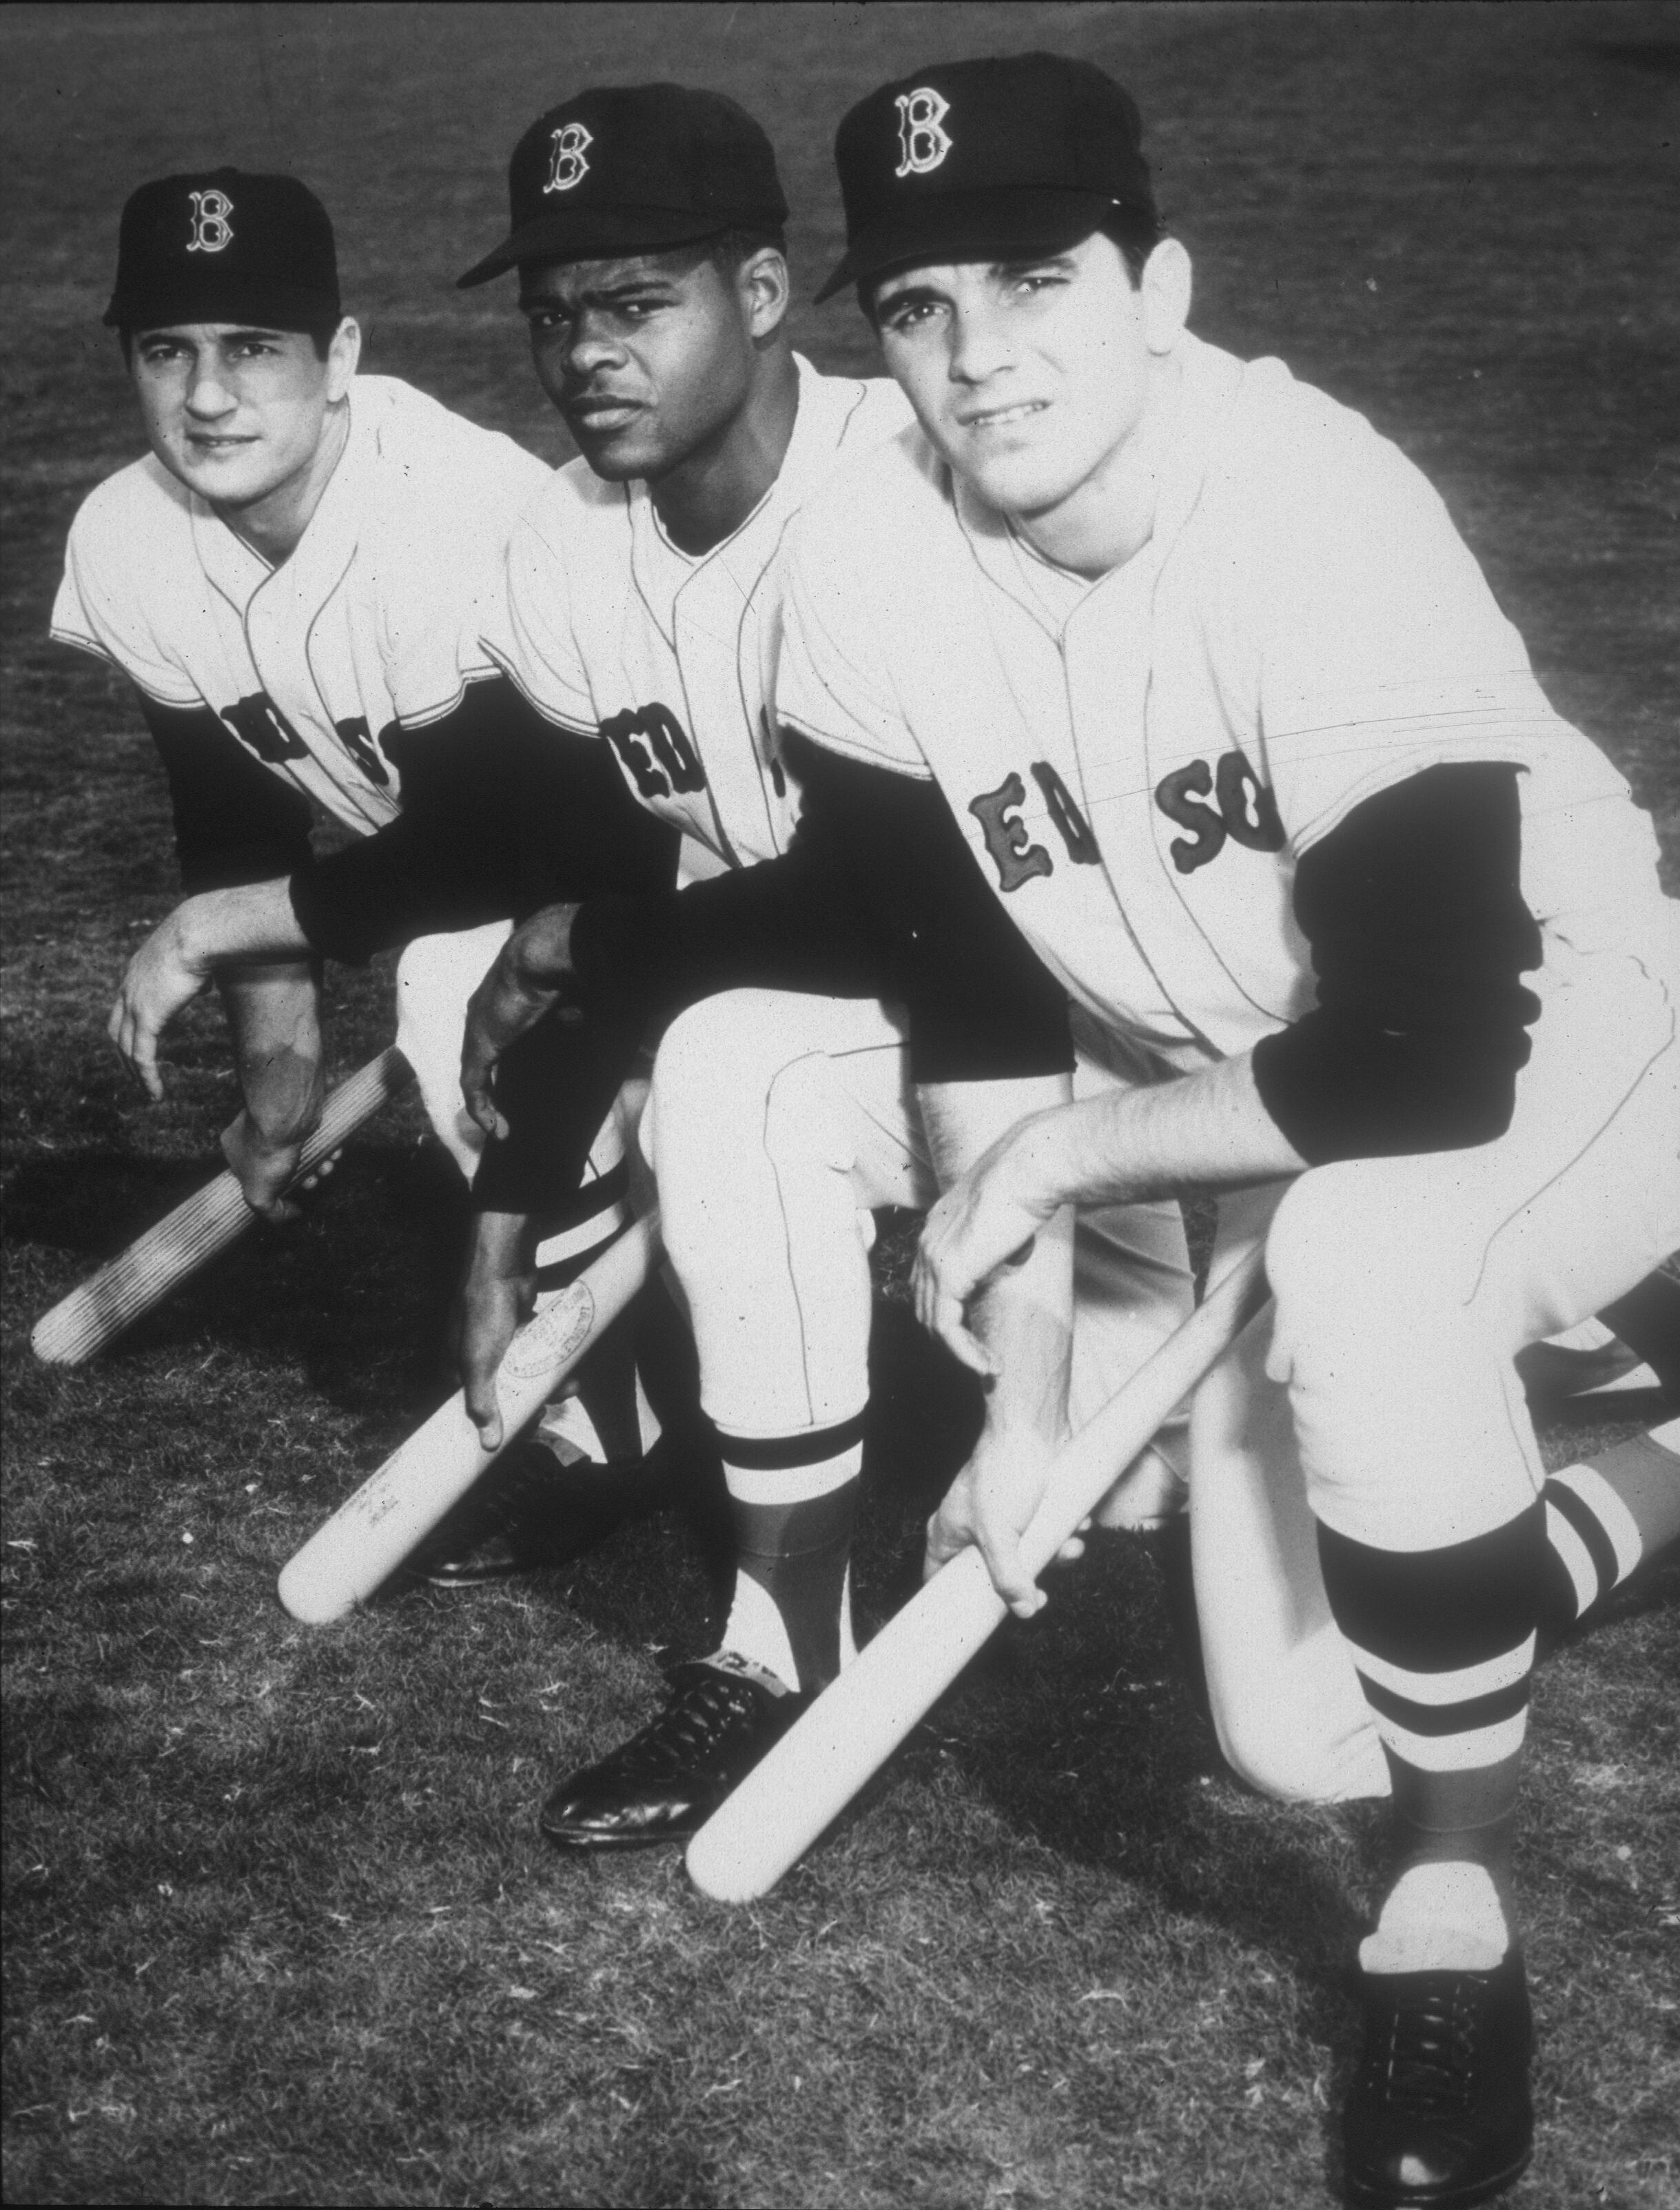 Outfield - Yaz, Smith, TC